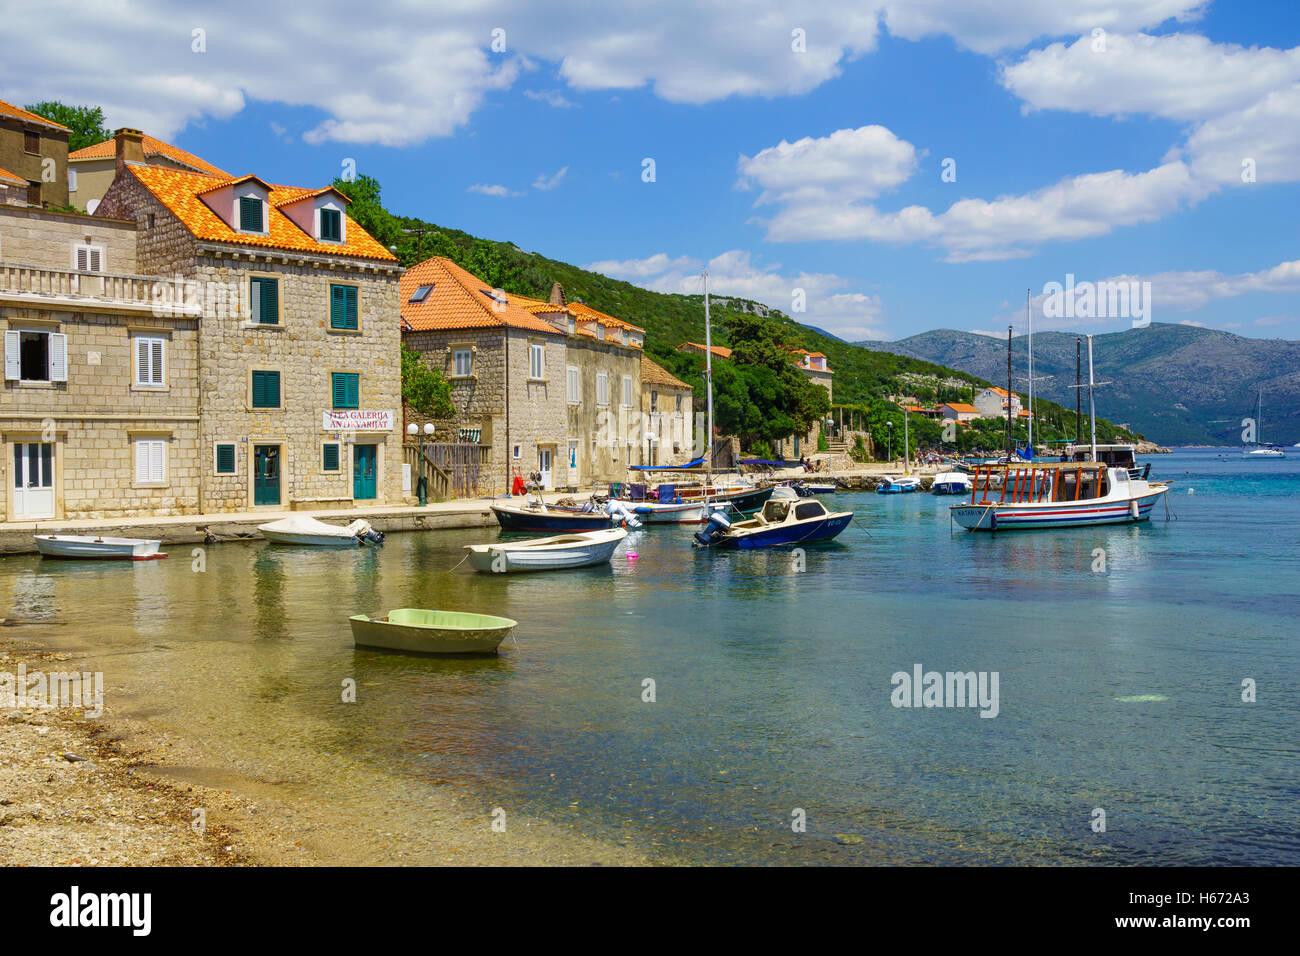 Suđurađ, Croatie - 27 juin 2015: Scène du port de pêche, avec des bateaux, les habitants et les Photo Stock